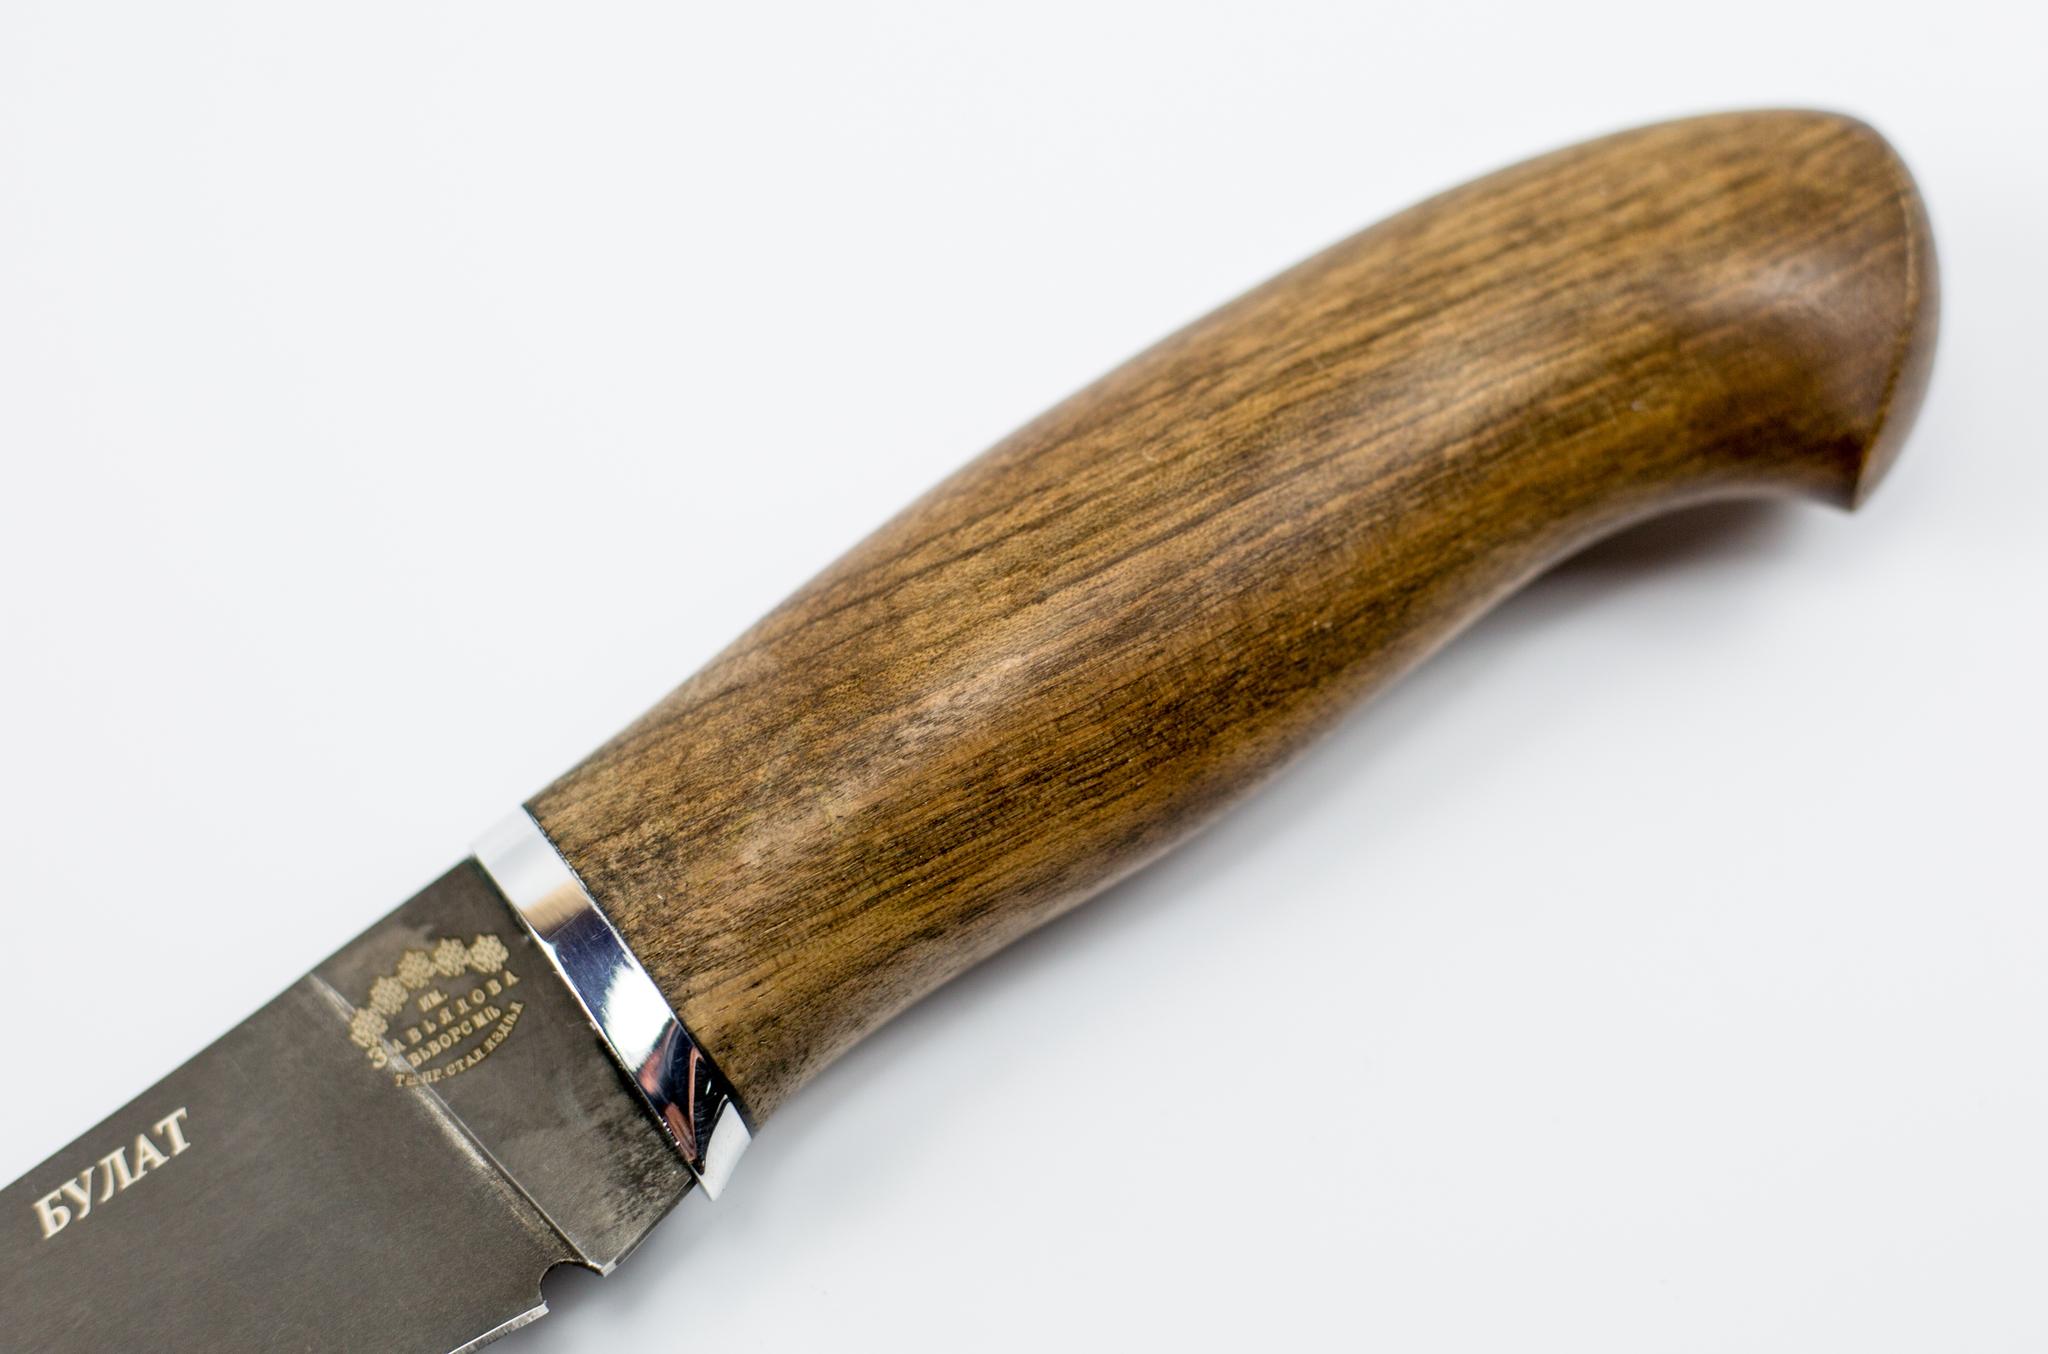 Фото 10 - Нож филейный Нерпа , сталь булат от Кузница Завьялова